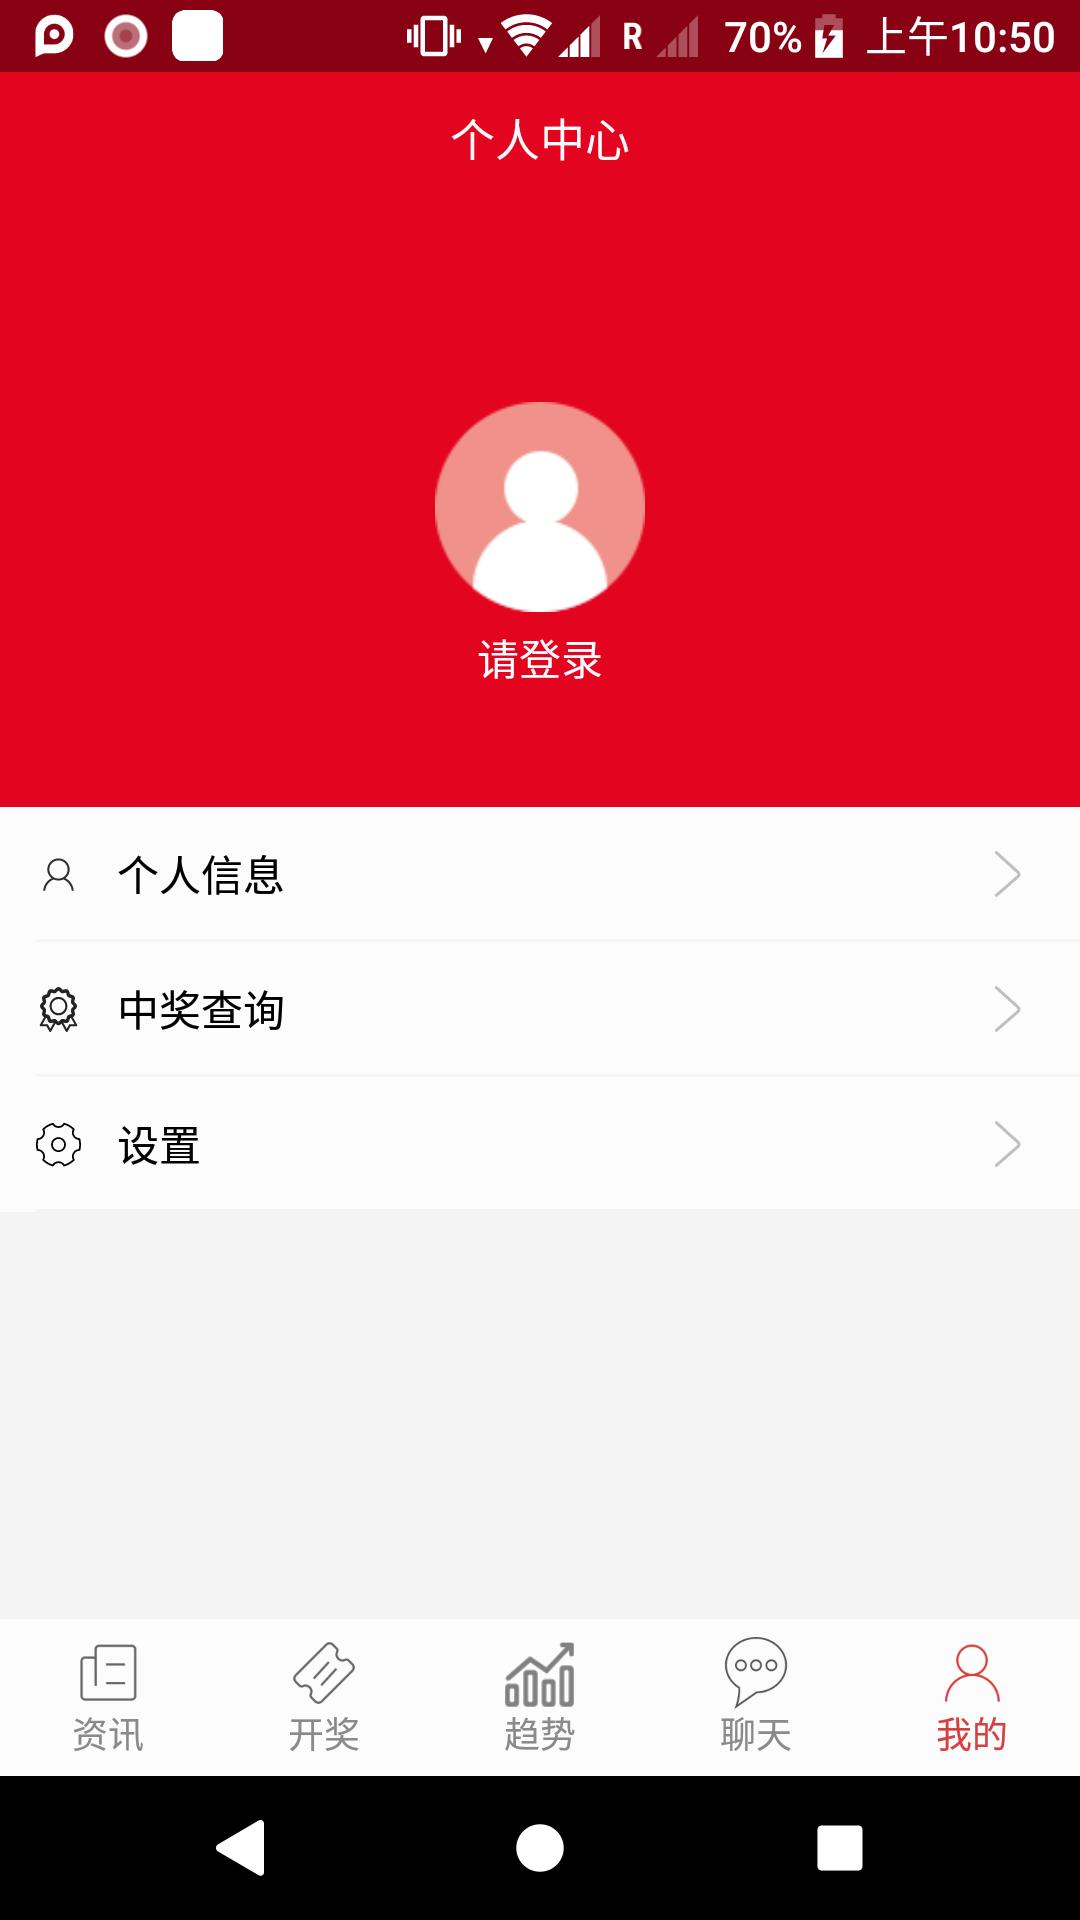 重庆时时彩专业版截图(5)